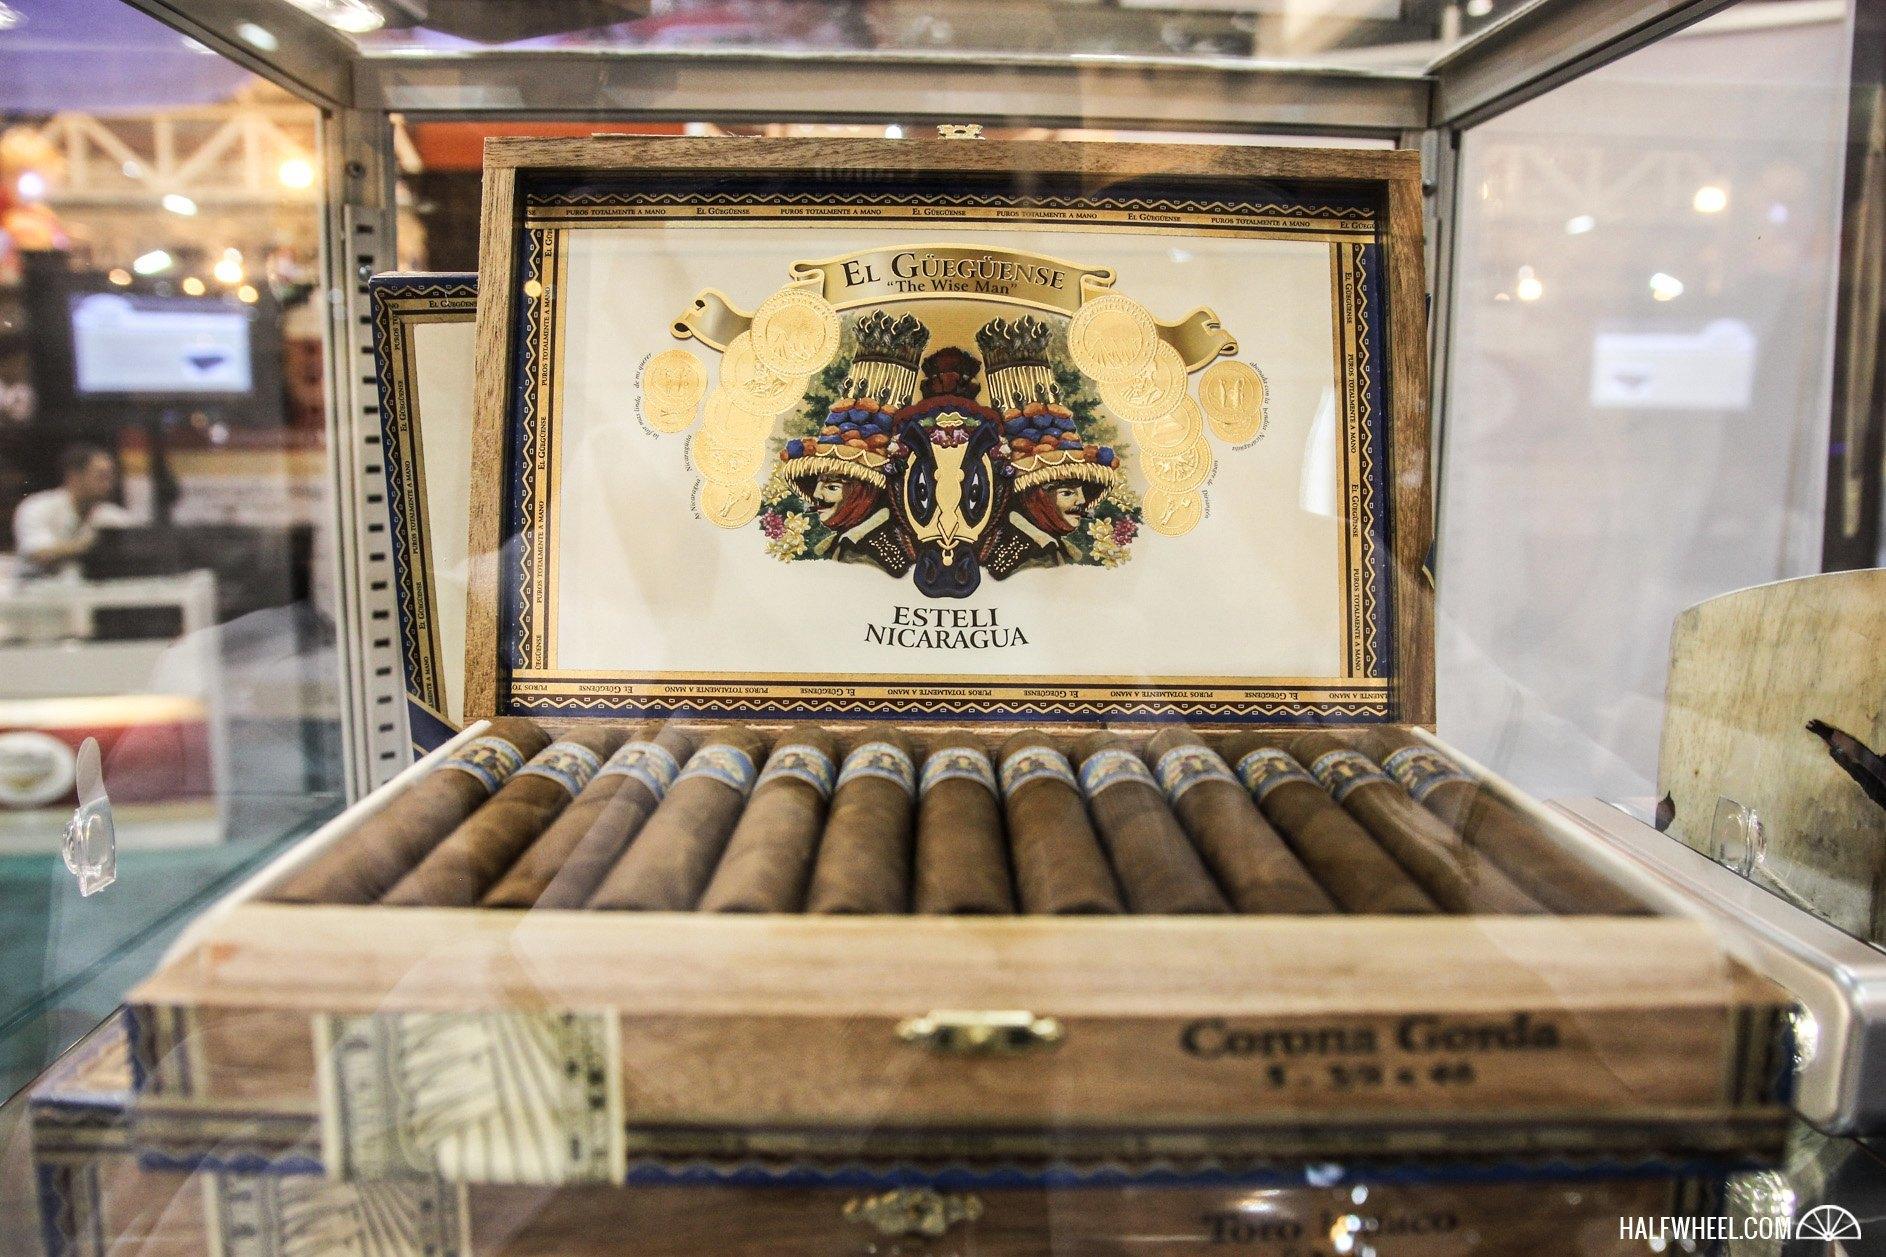 Foundation Cigar Co El Gueguense